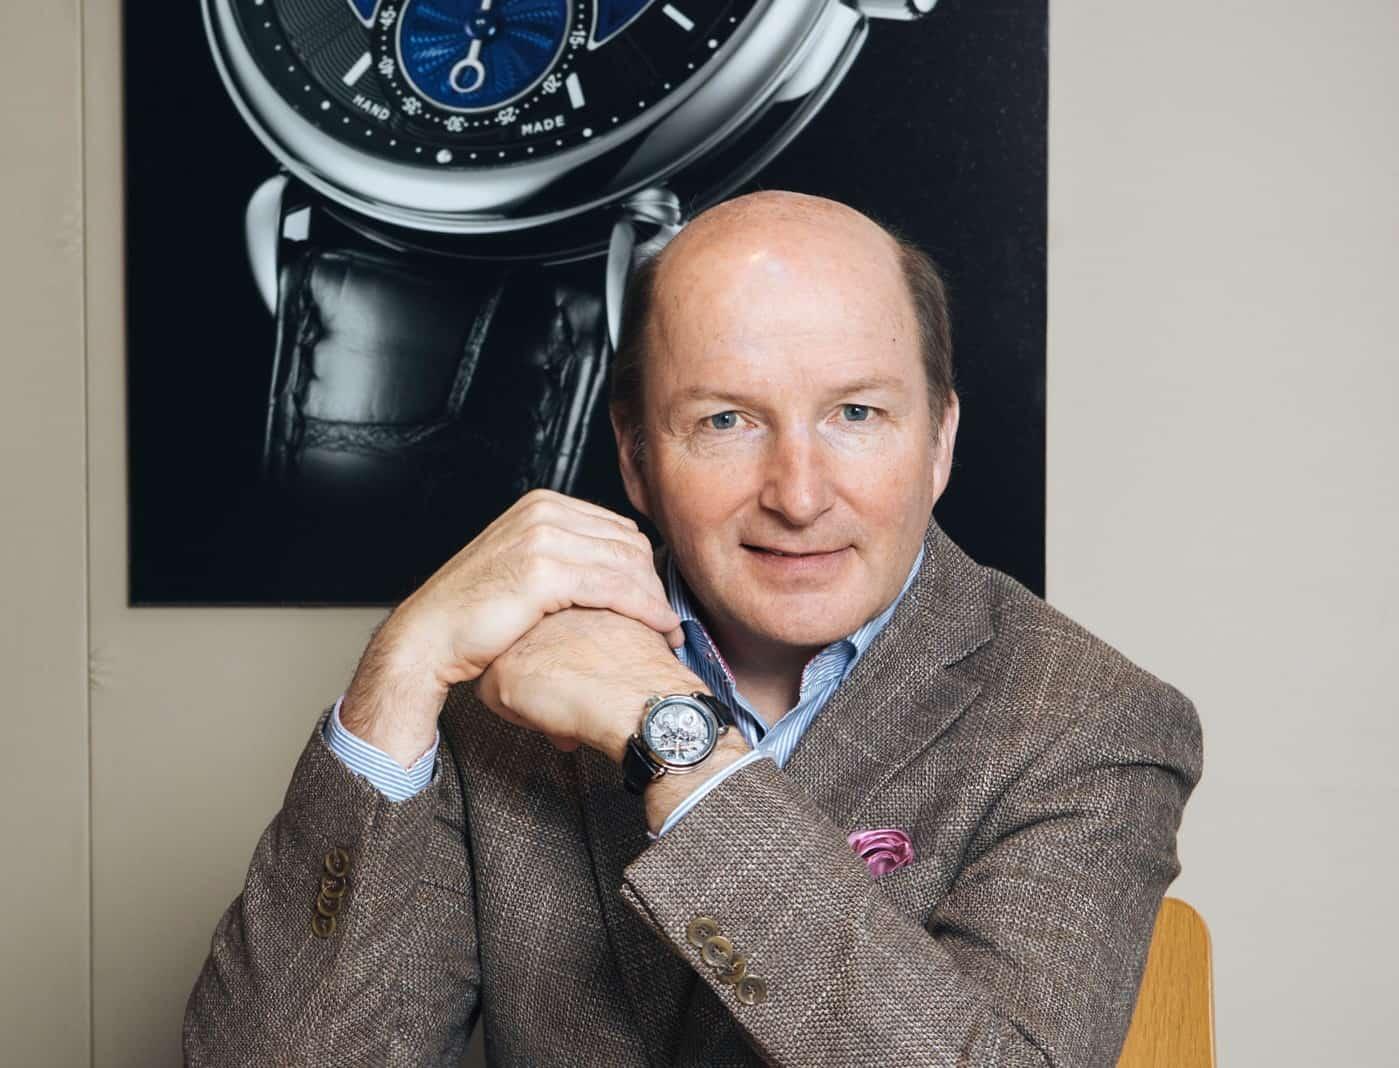 Uhrmacher und Inhaber der Uhrenmanufaktur Kari Voutilainen Bild Messe Basel